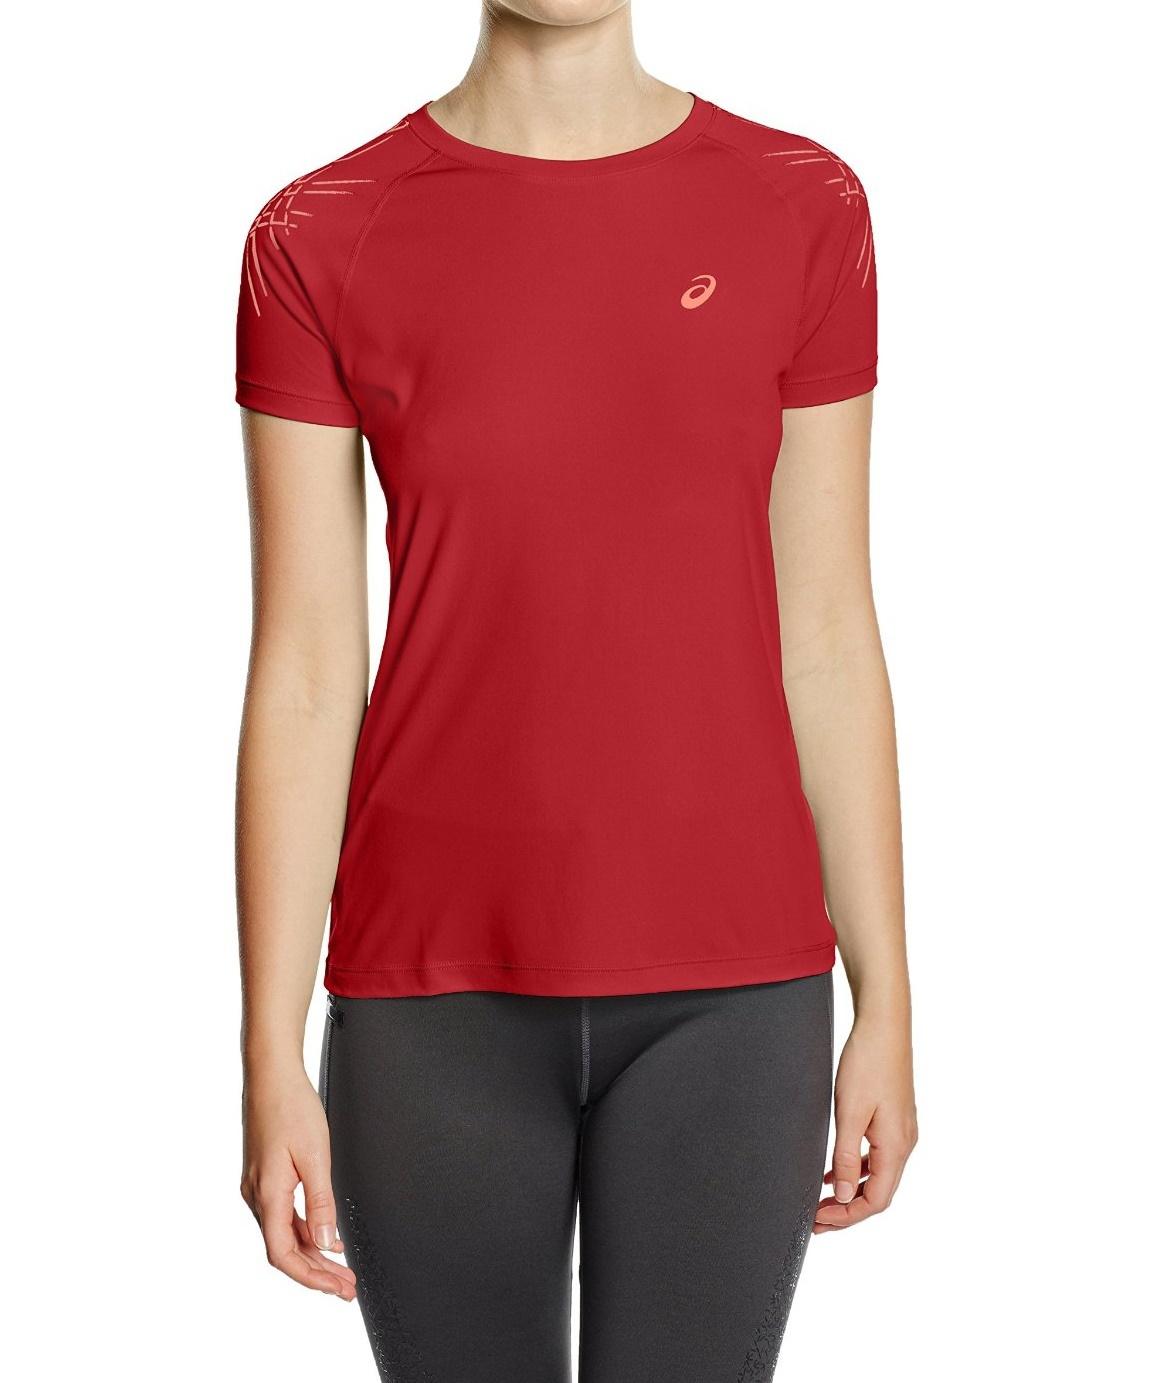 Женская футболка для бега Asics Stripe SS Top (126232 6010) красная фото